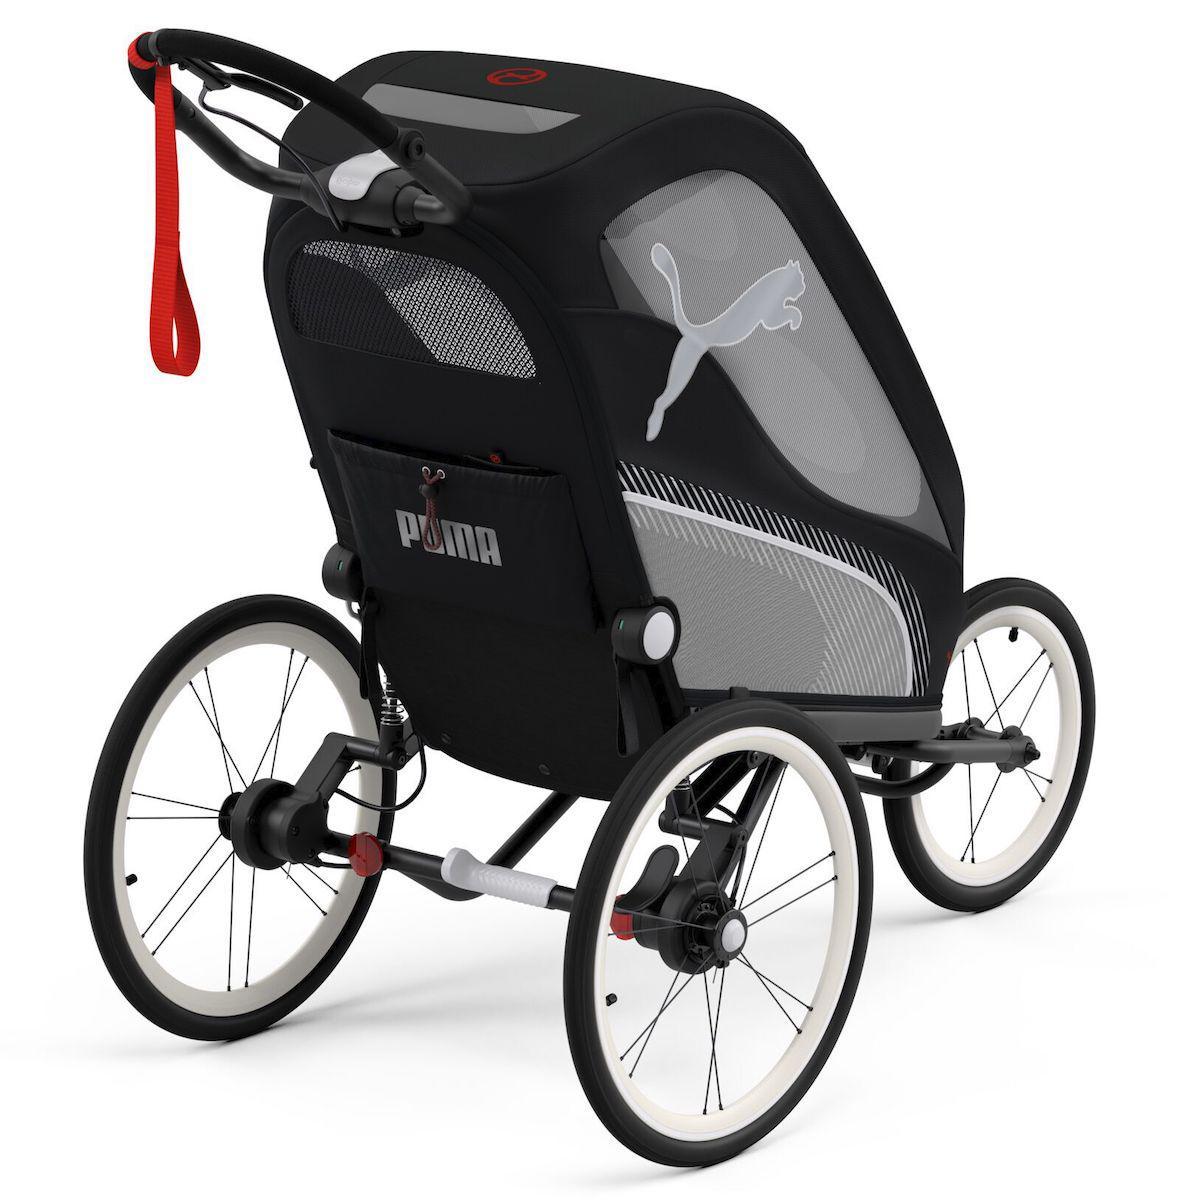 Kinderwagen ZENO SPORT PUMA S Cybex